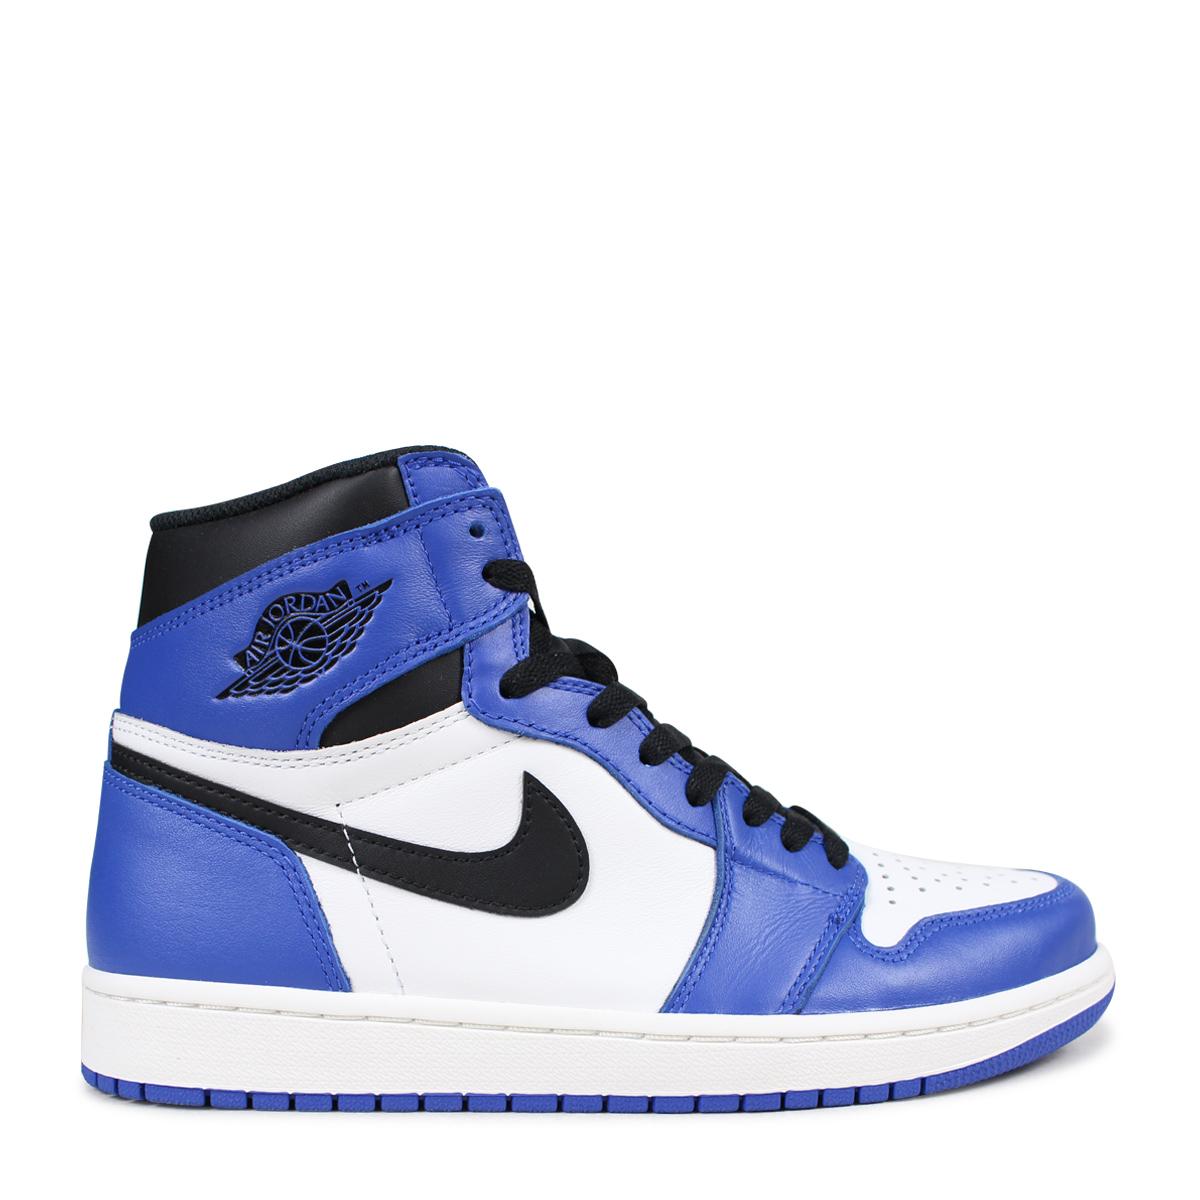 Nike NIKE Air Jordan 1 nostalgic high sneakers men AIR JORDAN 1 RETRO HIGH OG GAME ROYAL 555,088 403 blue [183]